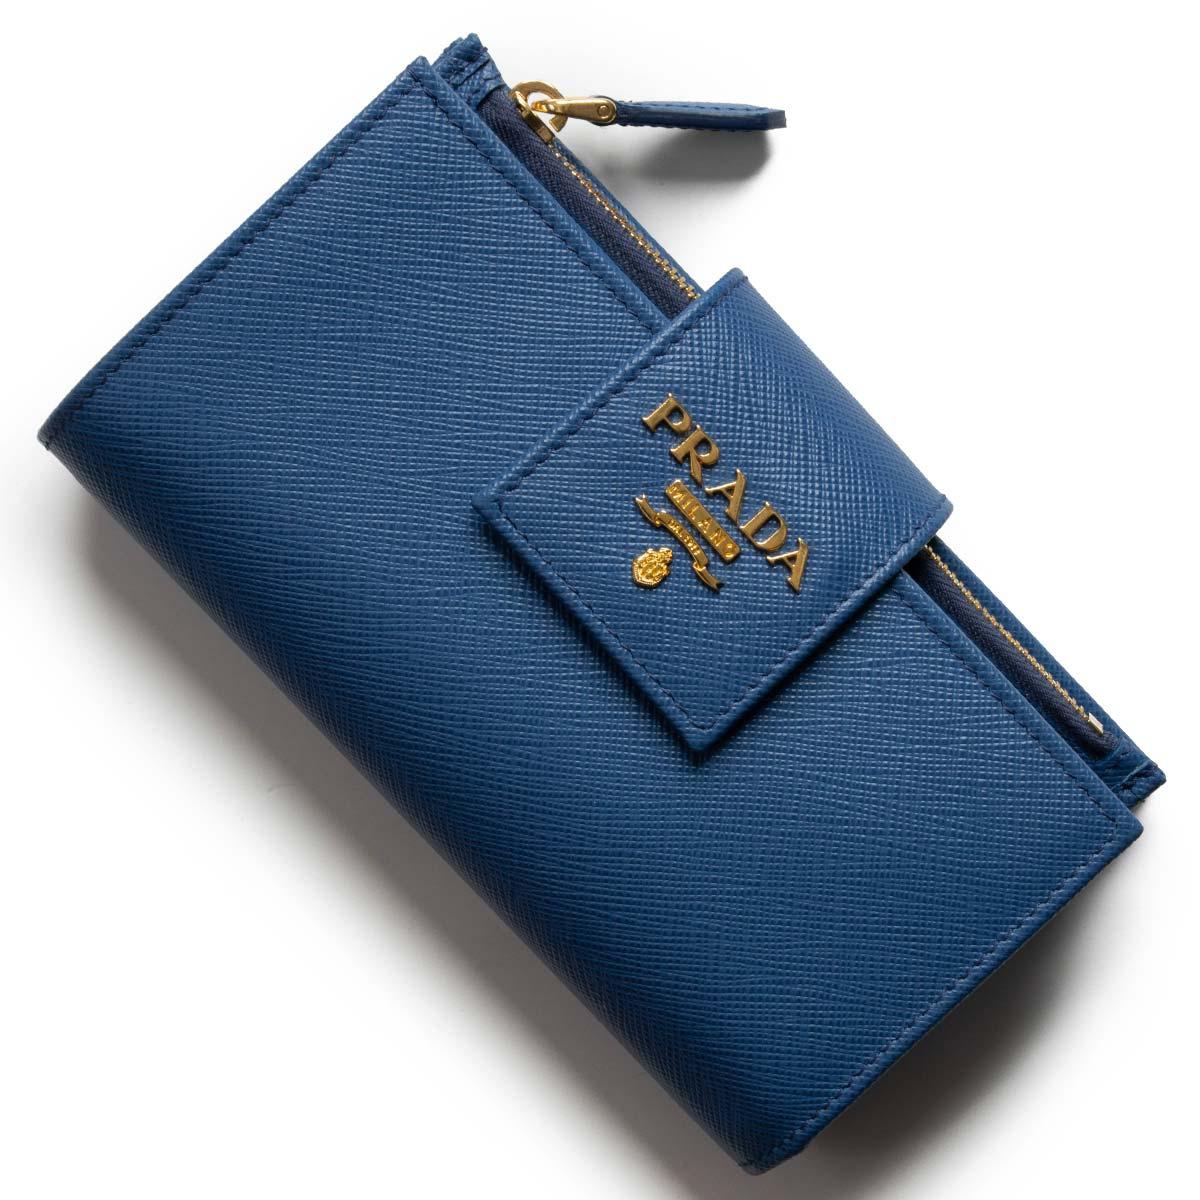 プラダ 二つ折り財布/長財布 財布 レディース サフィアーノ メタル アズーロブルー 1ML005 QWA F0013 PRADA